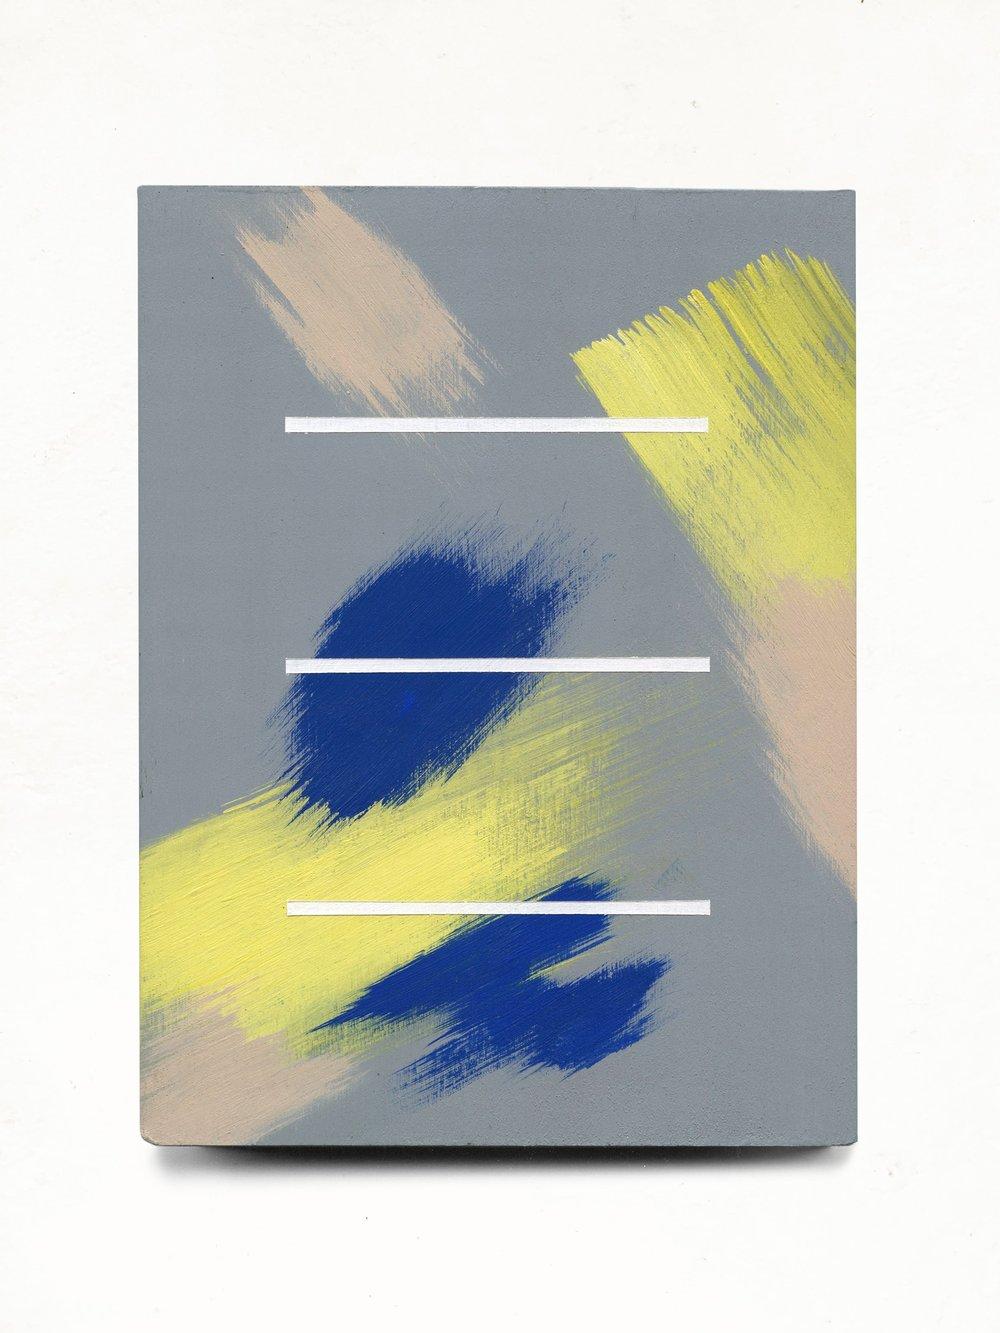 15-brush-comp-yellow.jpg